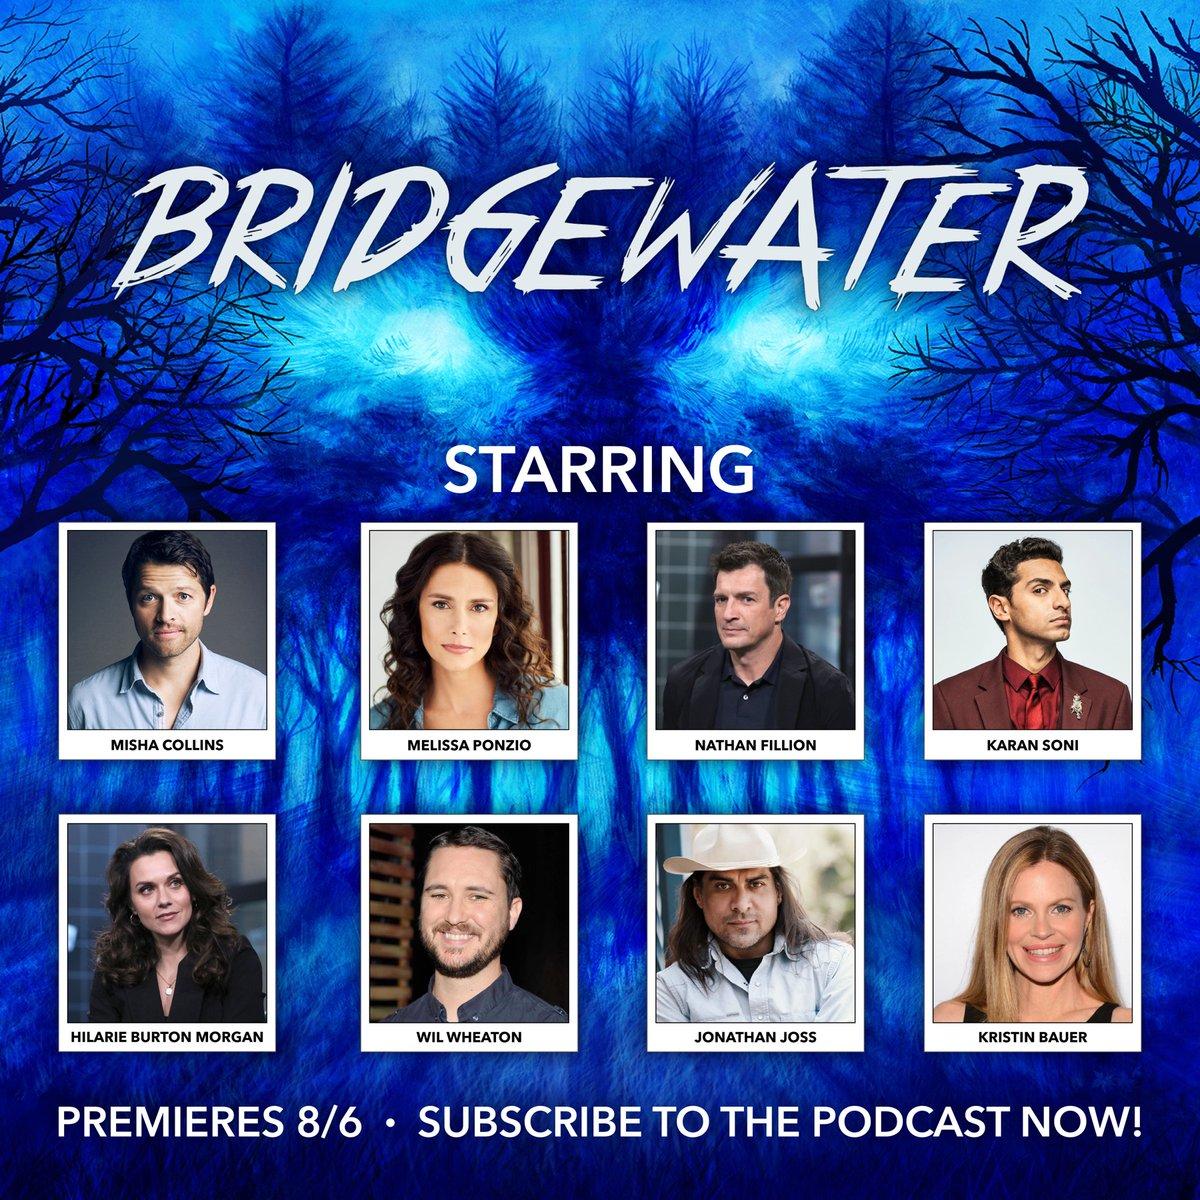 Bridgewater (@BridgewaterPod) | Twitter